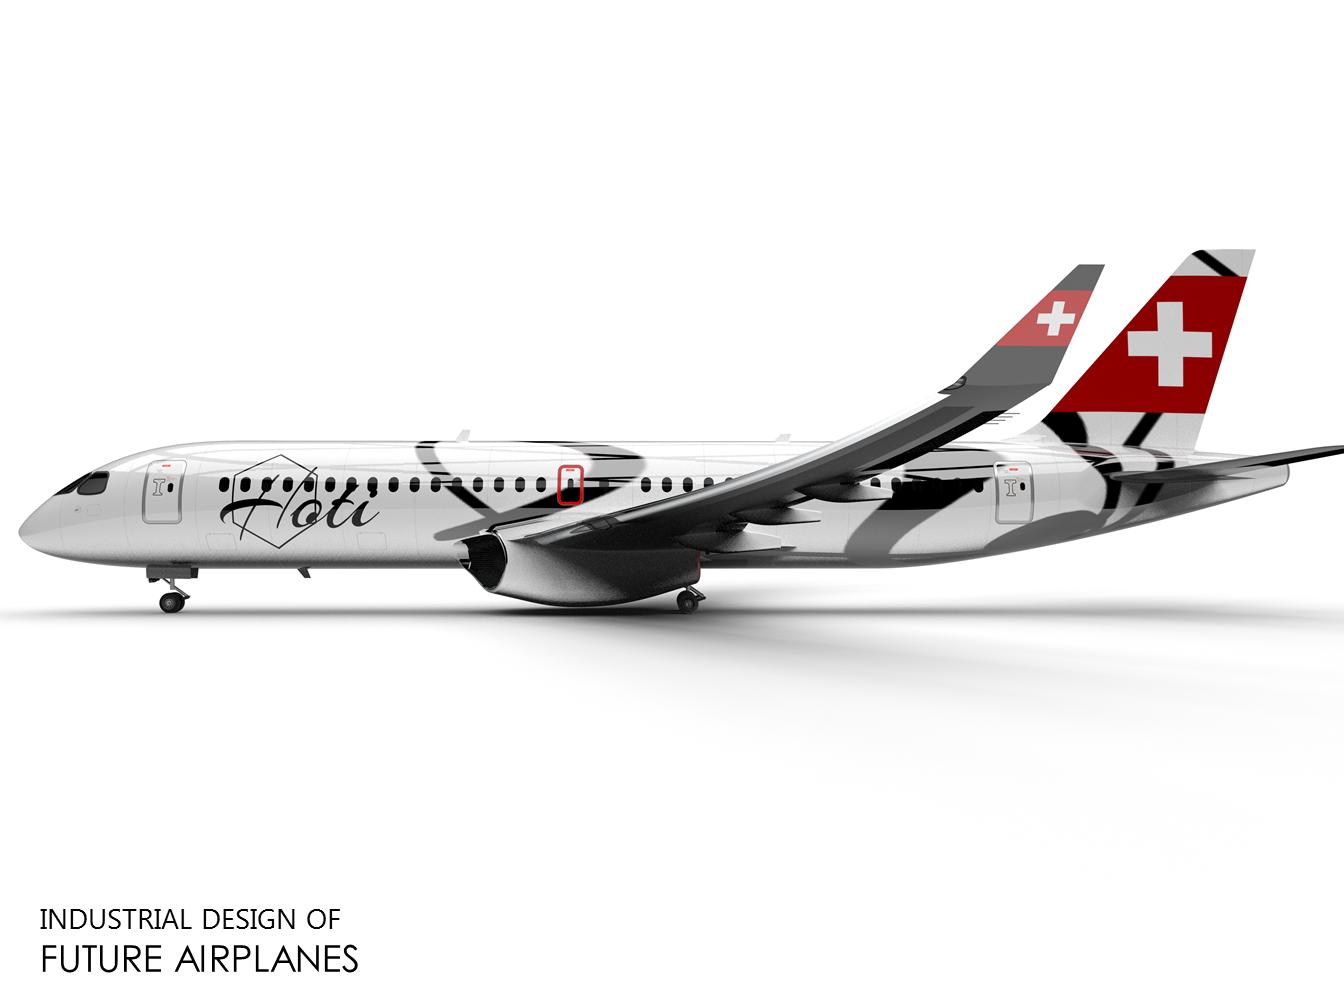 仿A220客机飞机模型3D图纸 x_t格式